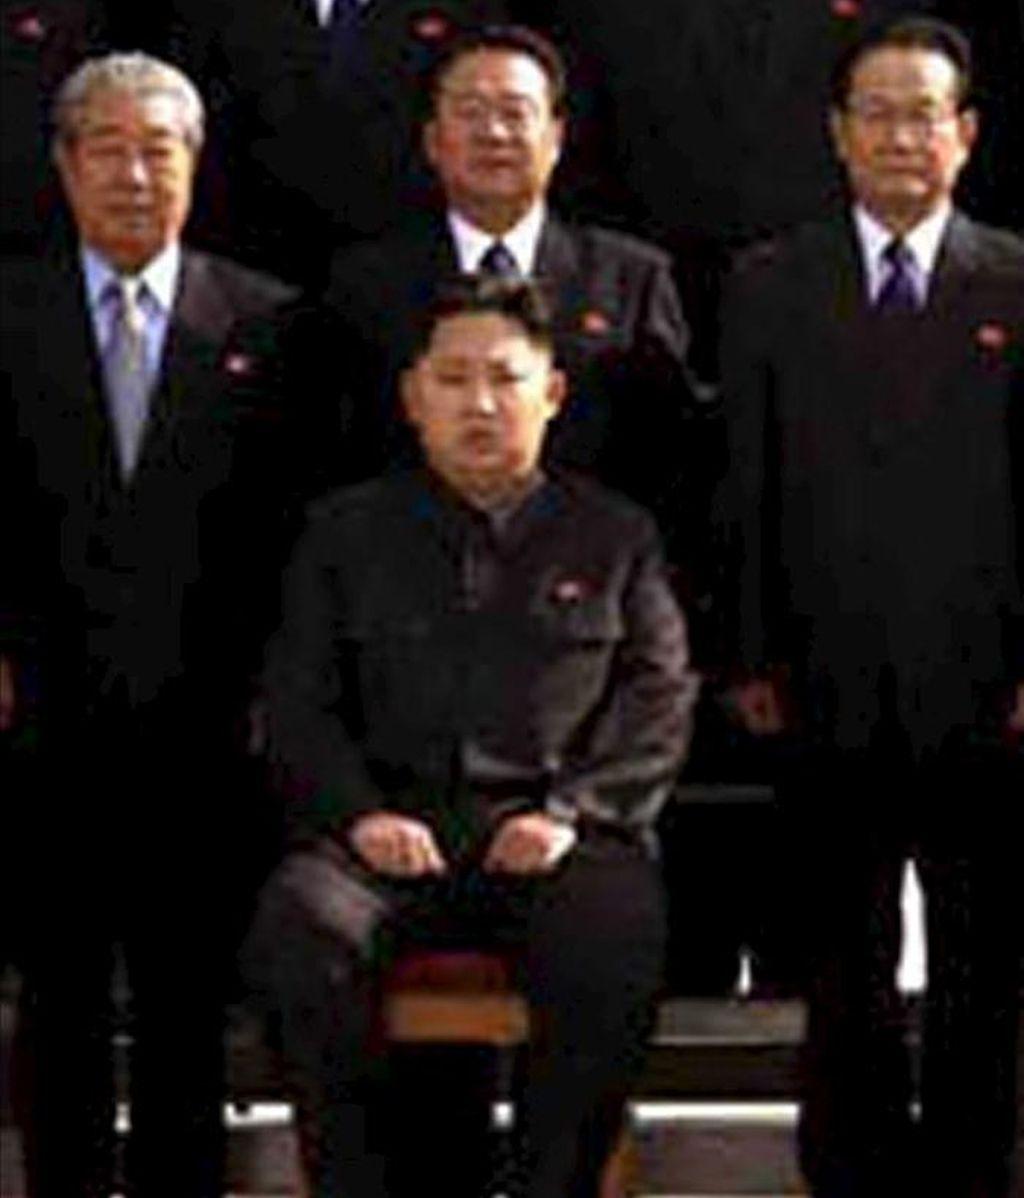 Foto de archivo facilitada por la agencia central de noticias norcoreana KCNA de Kim Jong-un, hijo menor y posible sucesor del líder norcoreano Kim Jong-il, mientras posa con miembros del Partido de los Trabajadores en el Palacio Kumsusan en Pyongyang (Corea del Norte). EFE/Archivo